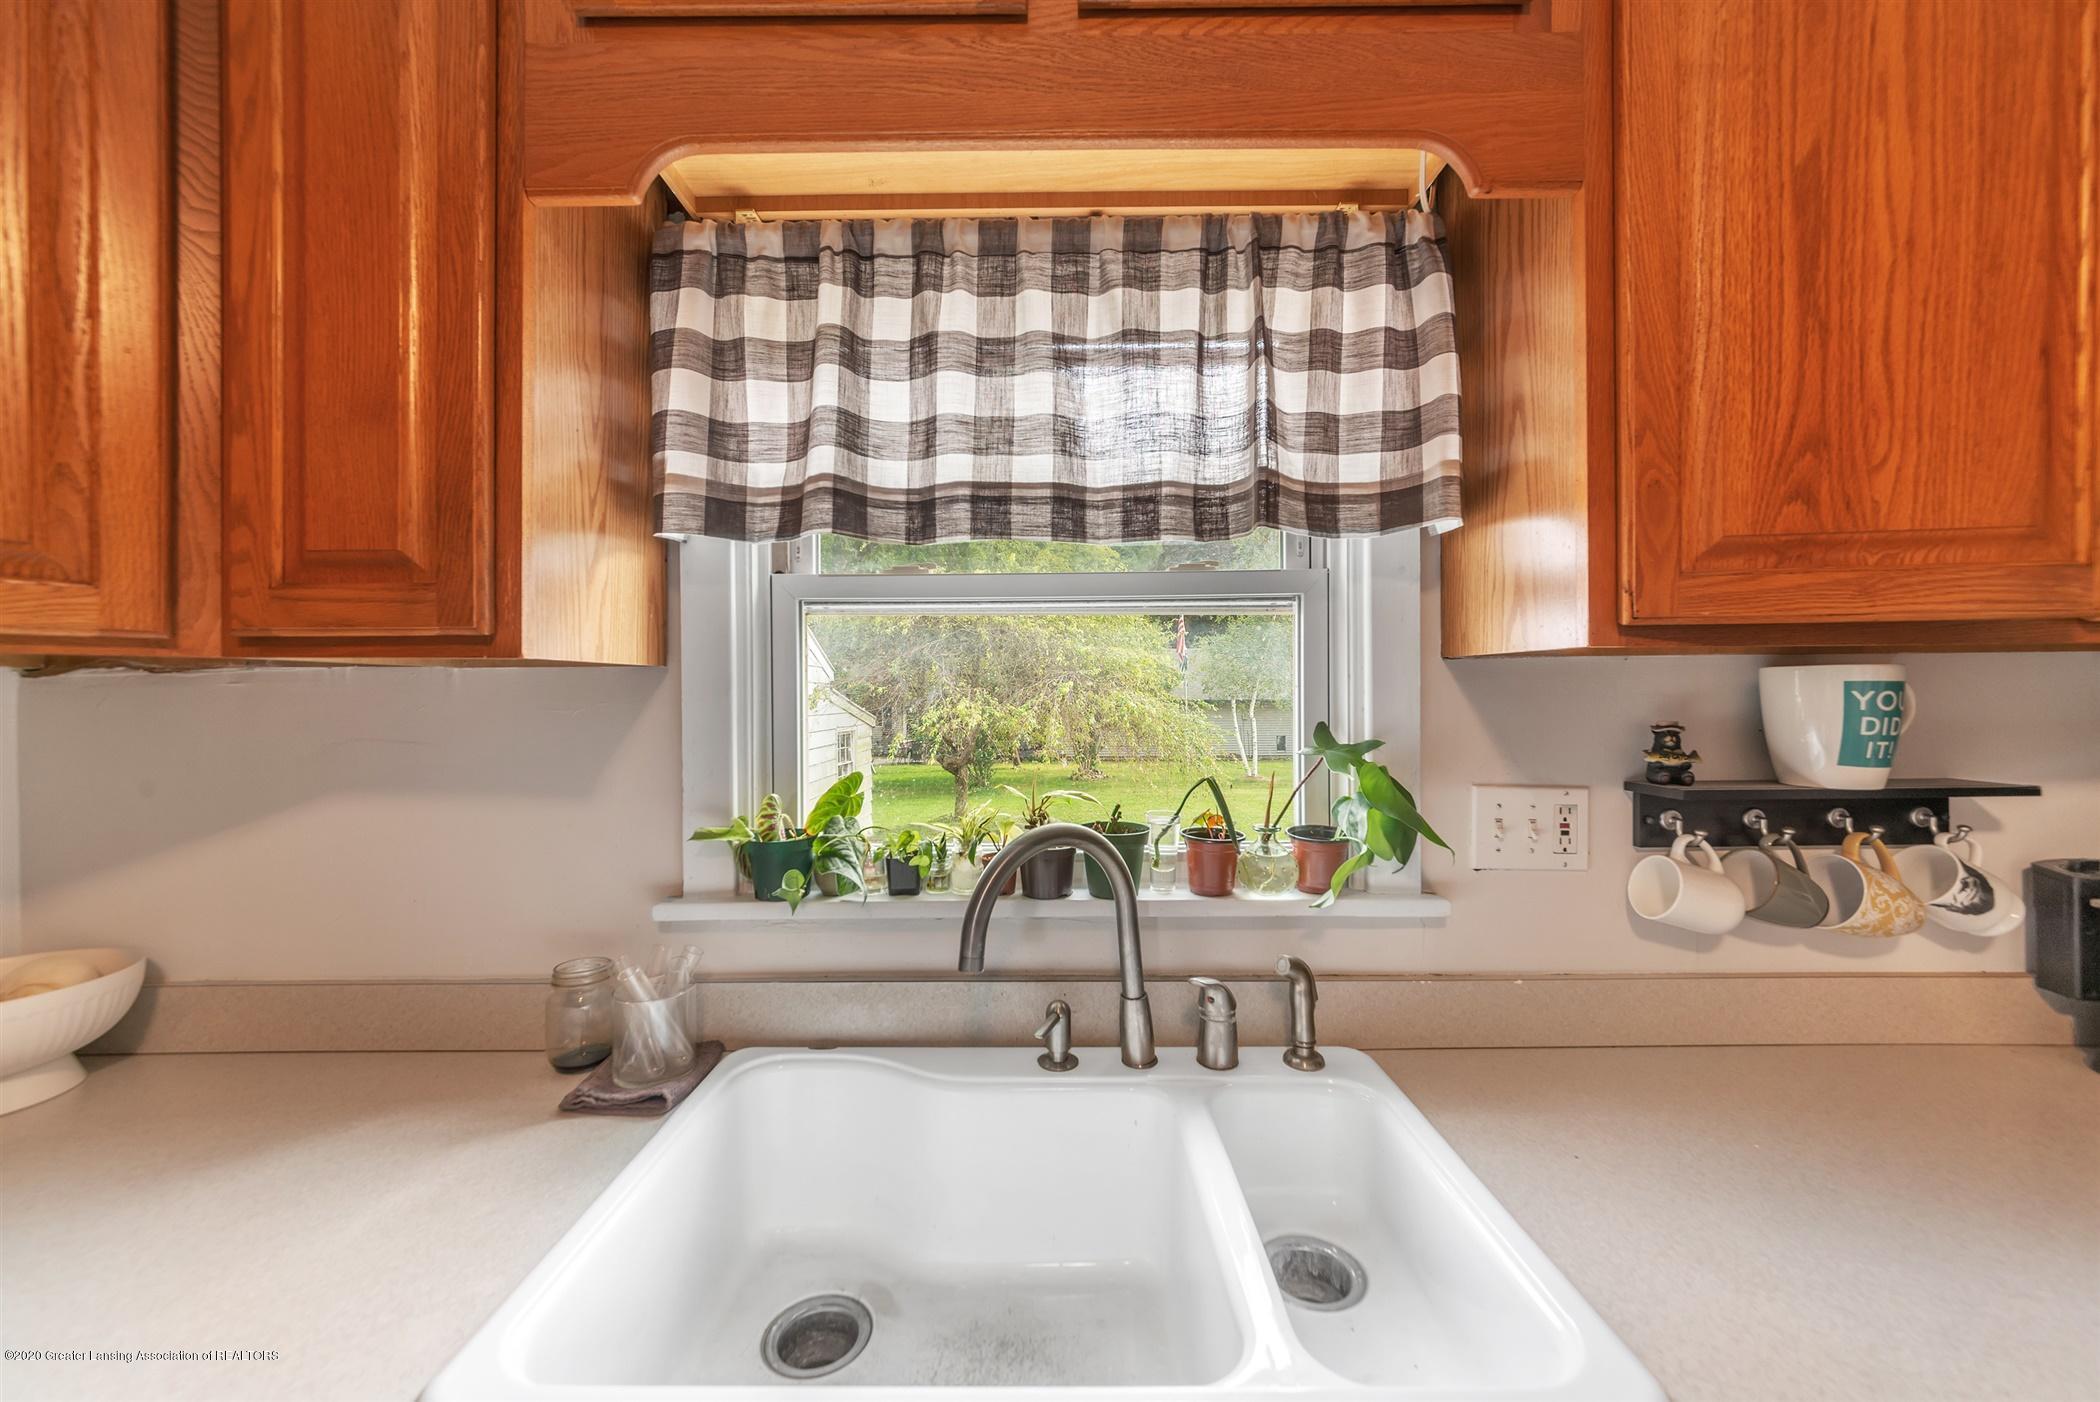 4578 N Michigan Rd - 16-4578 N Michigan Rd-WindowStill-R - 13